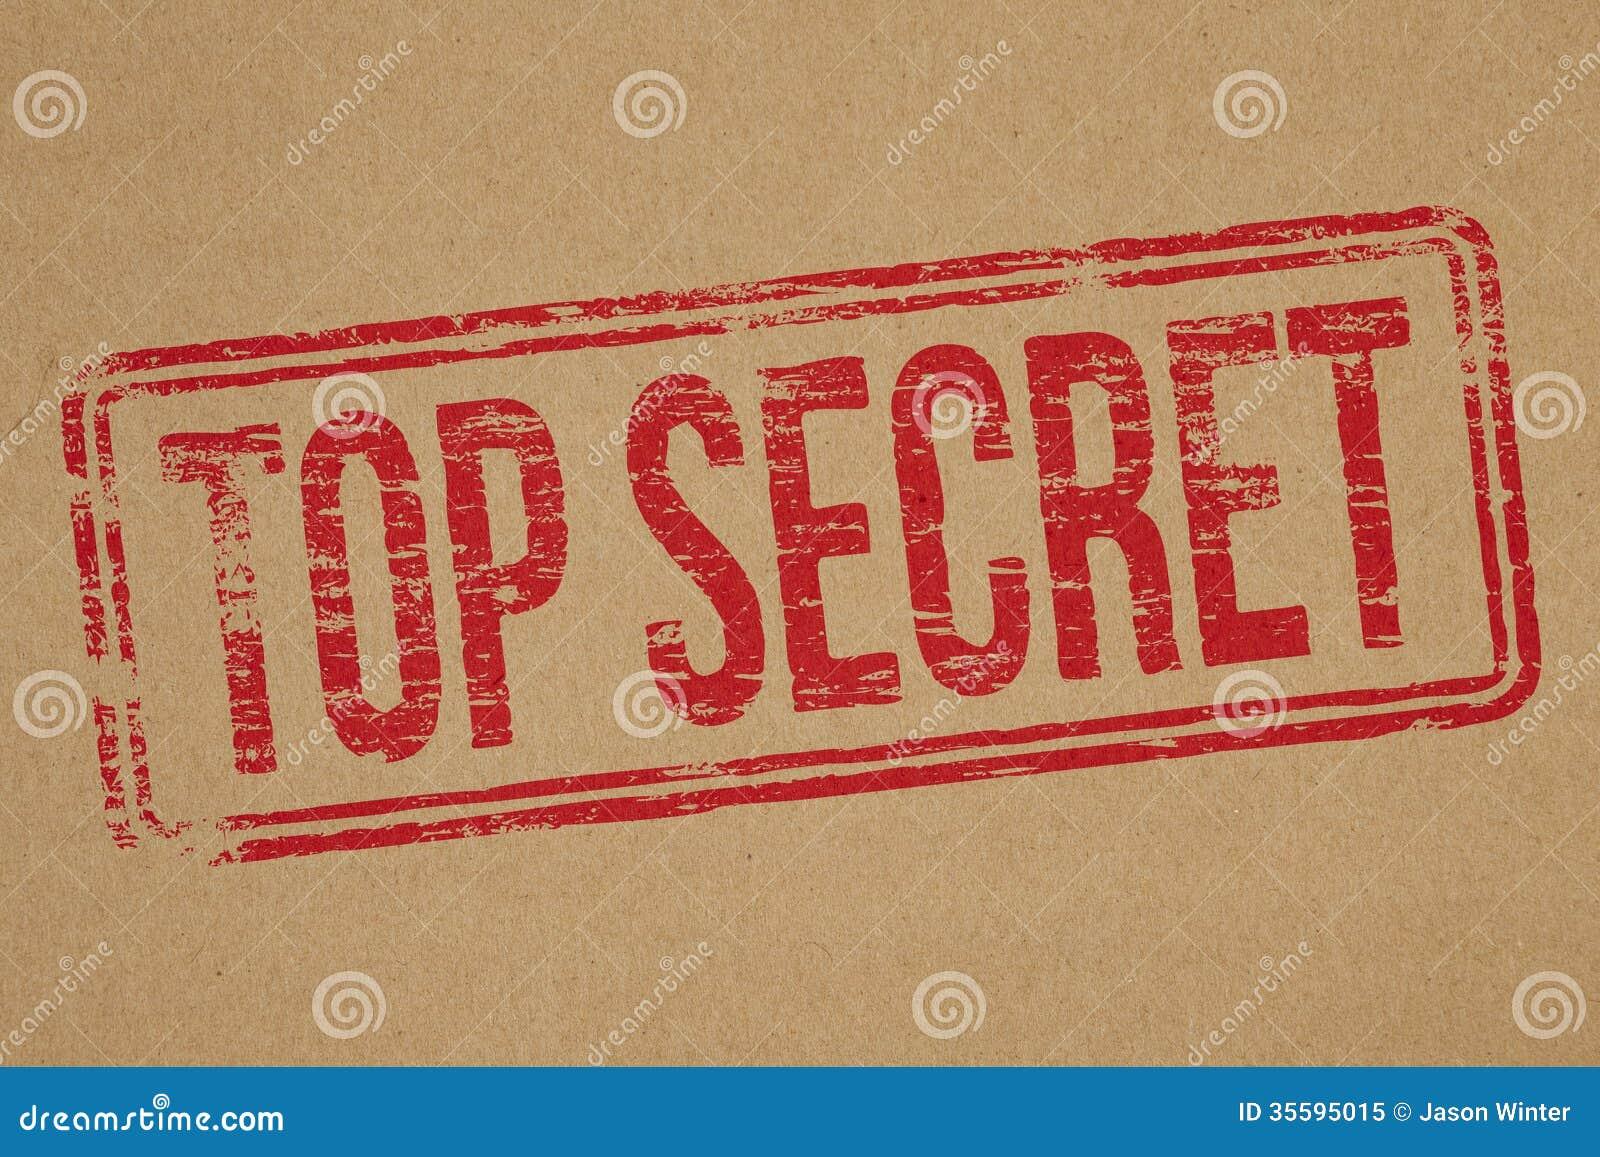 top secret stock image image of stamp symbol grungy 35595015. Black Bedroom Furniture Sets. Home Design Ideas